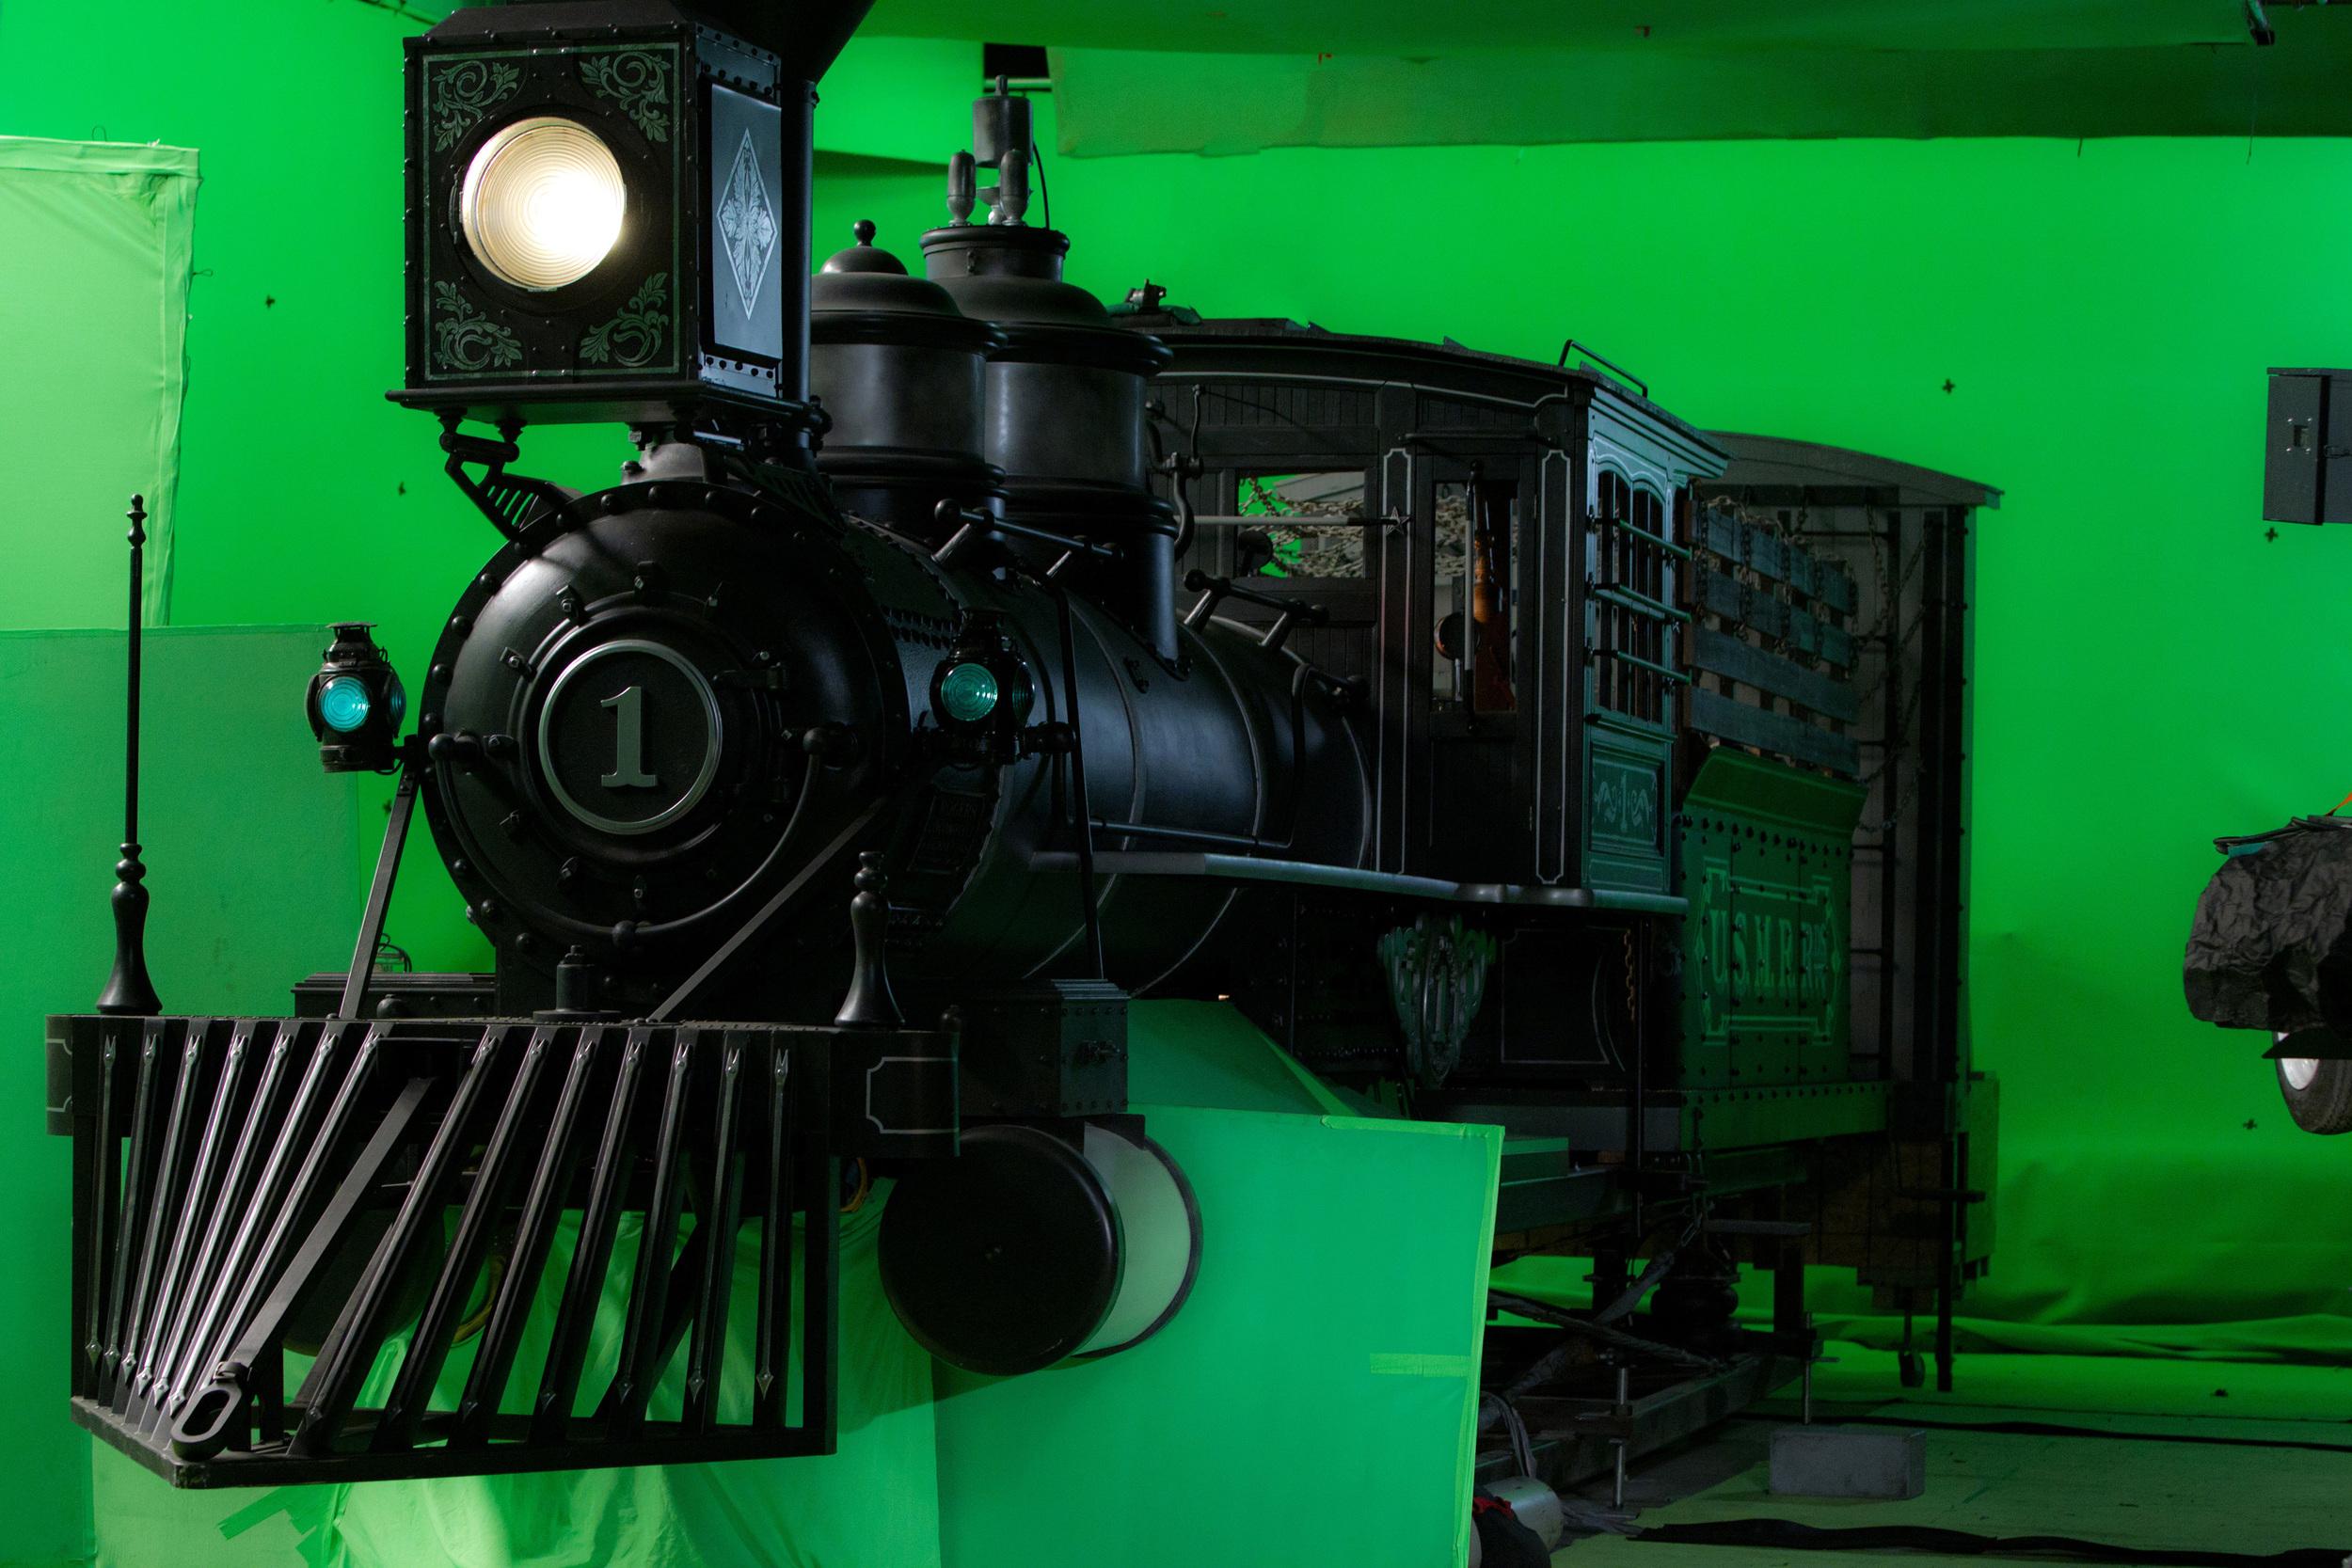 Lincoln's silver train